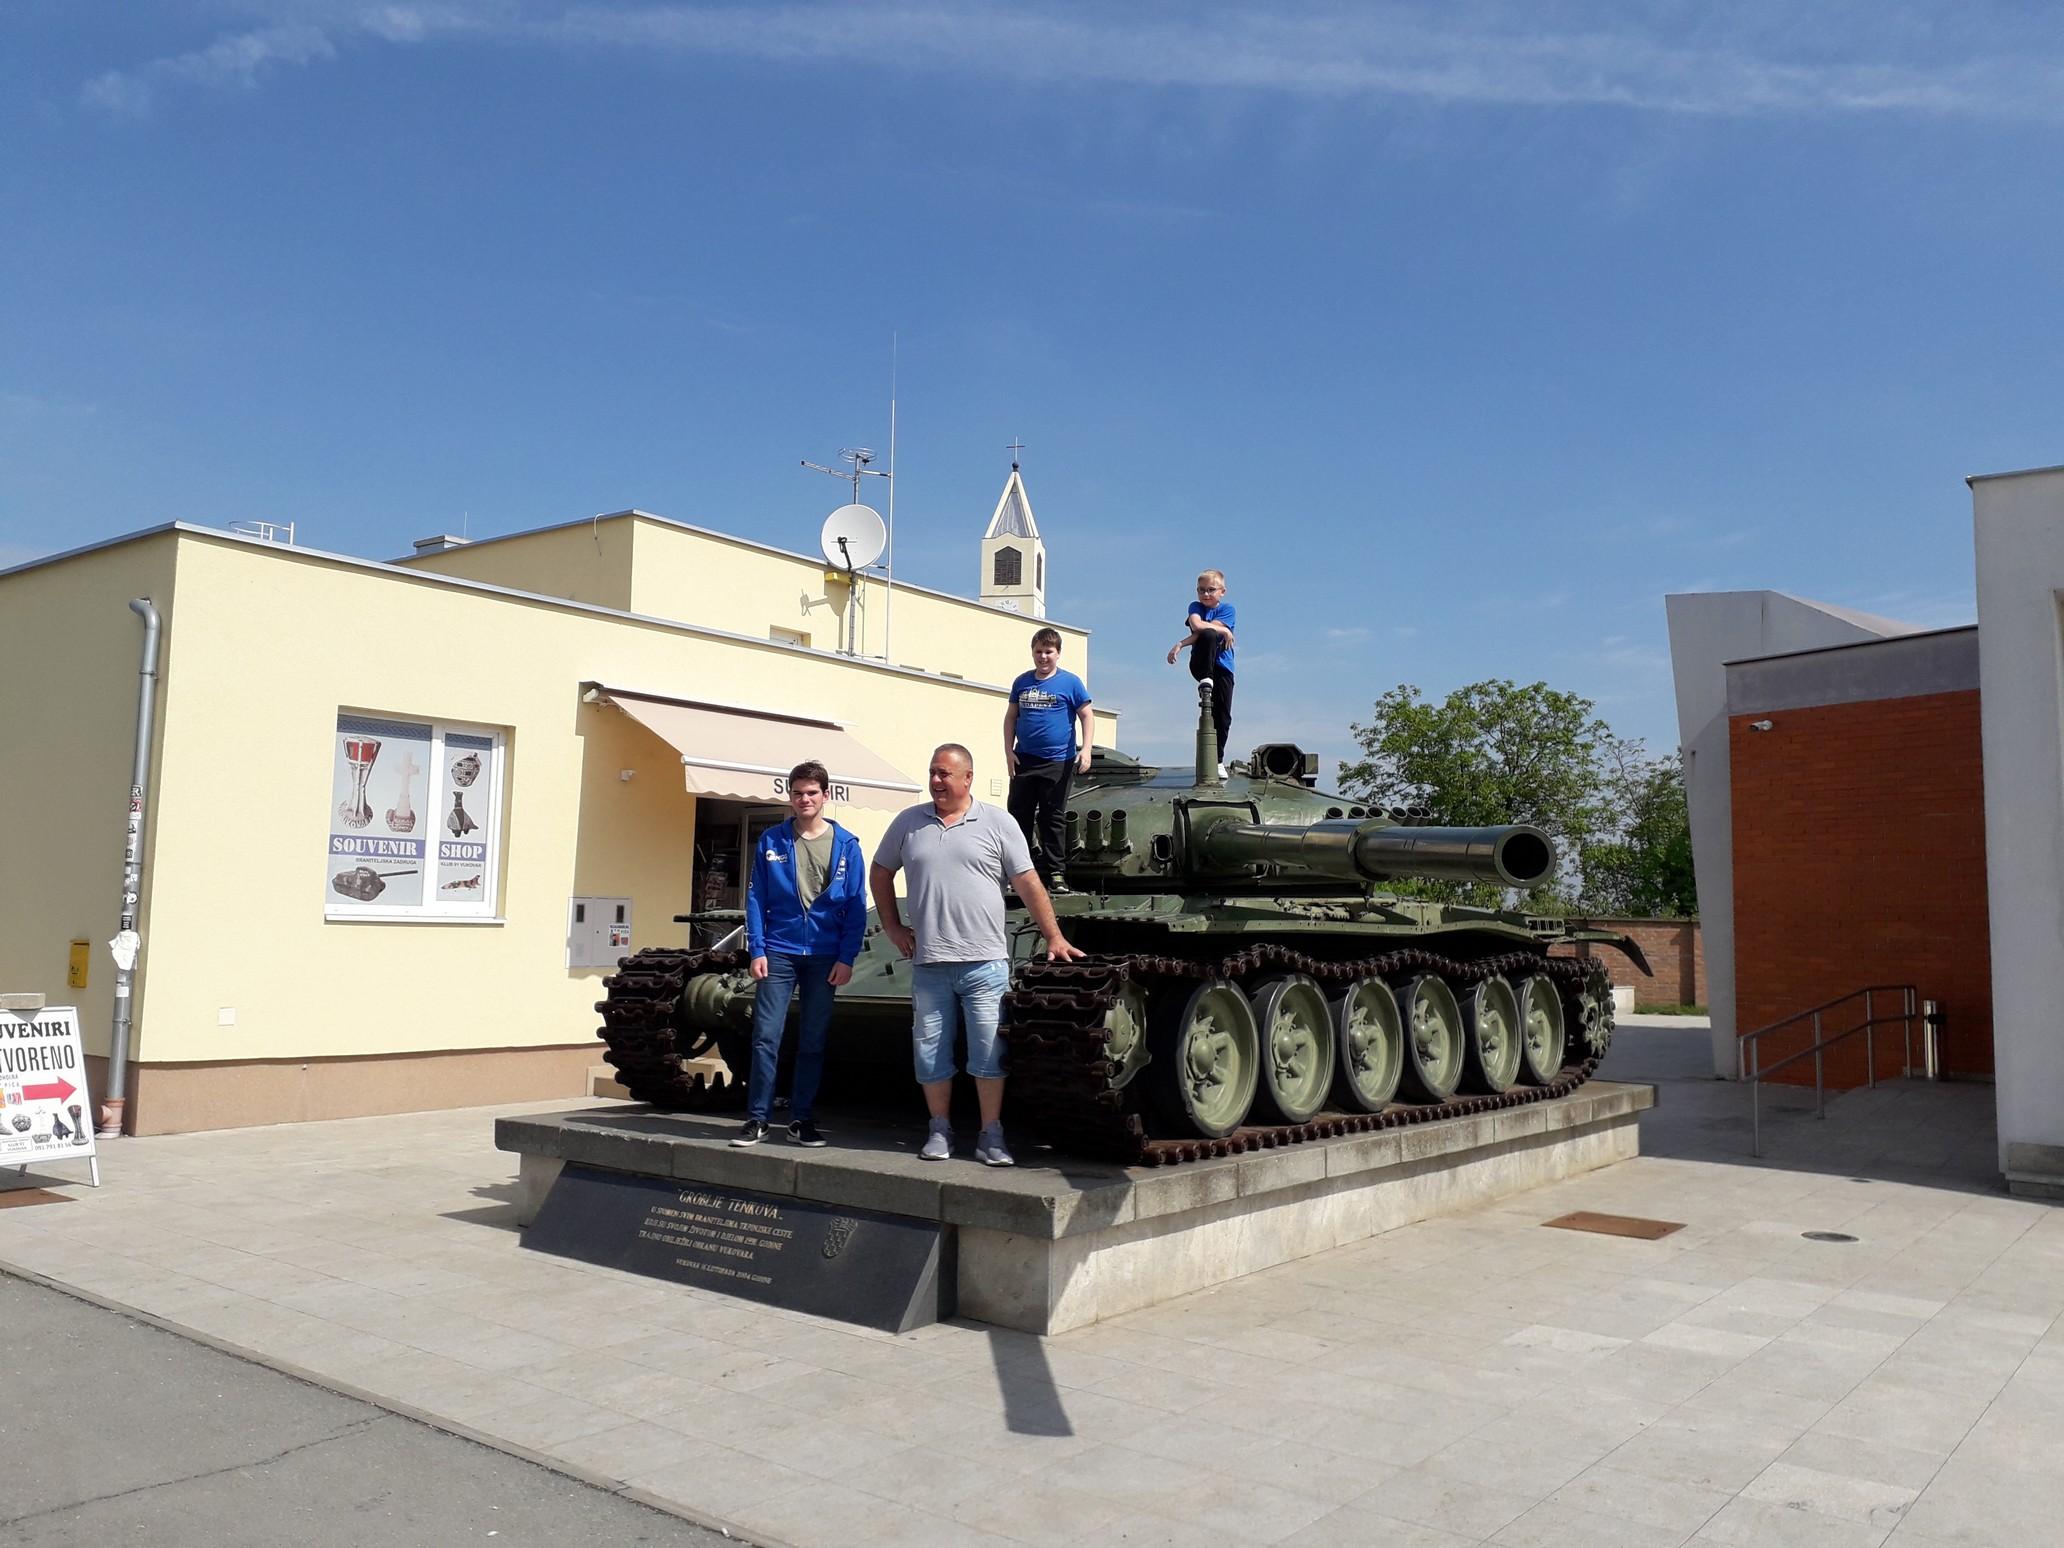 Vukovar_csapat_tank_2019-05-04